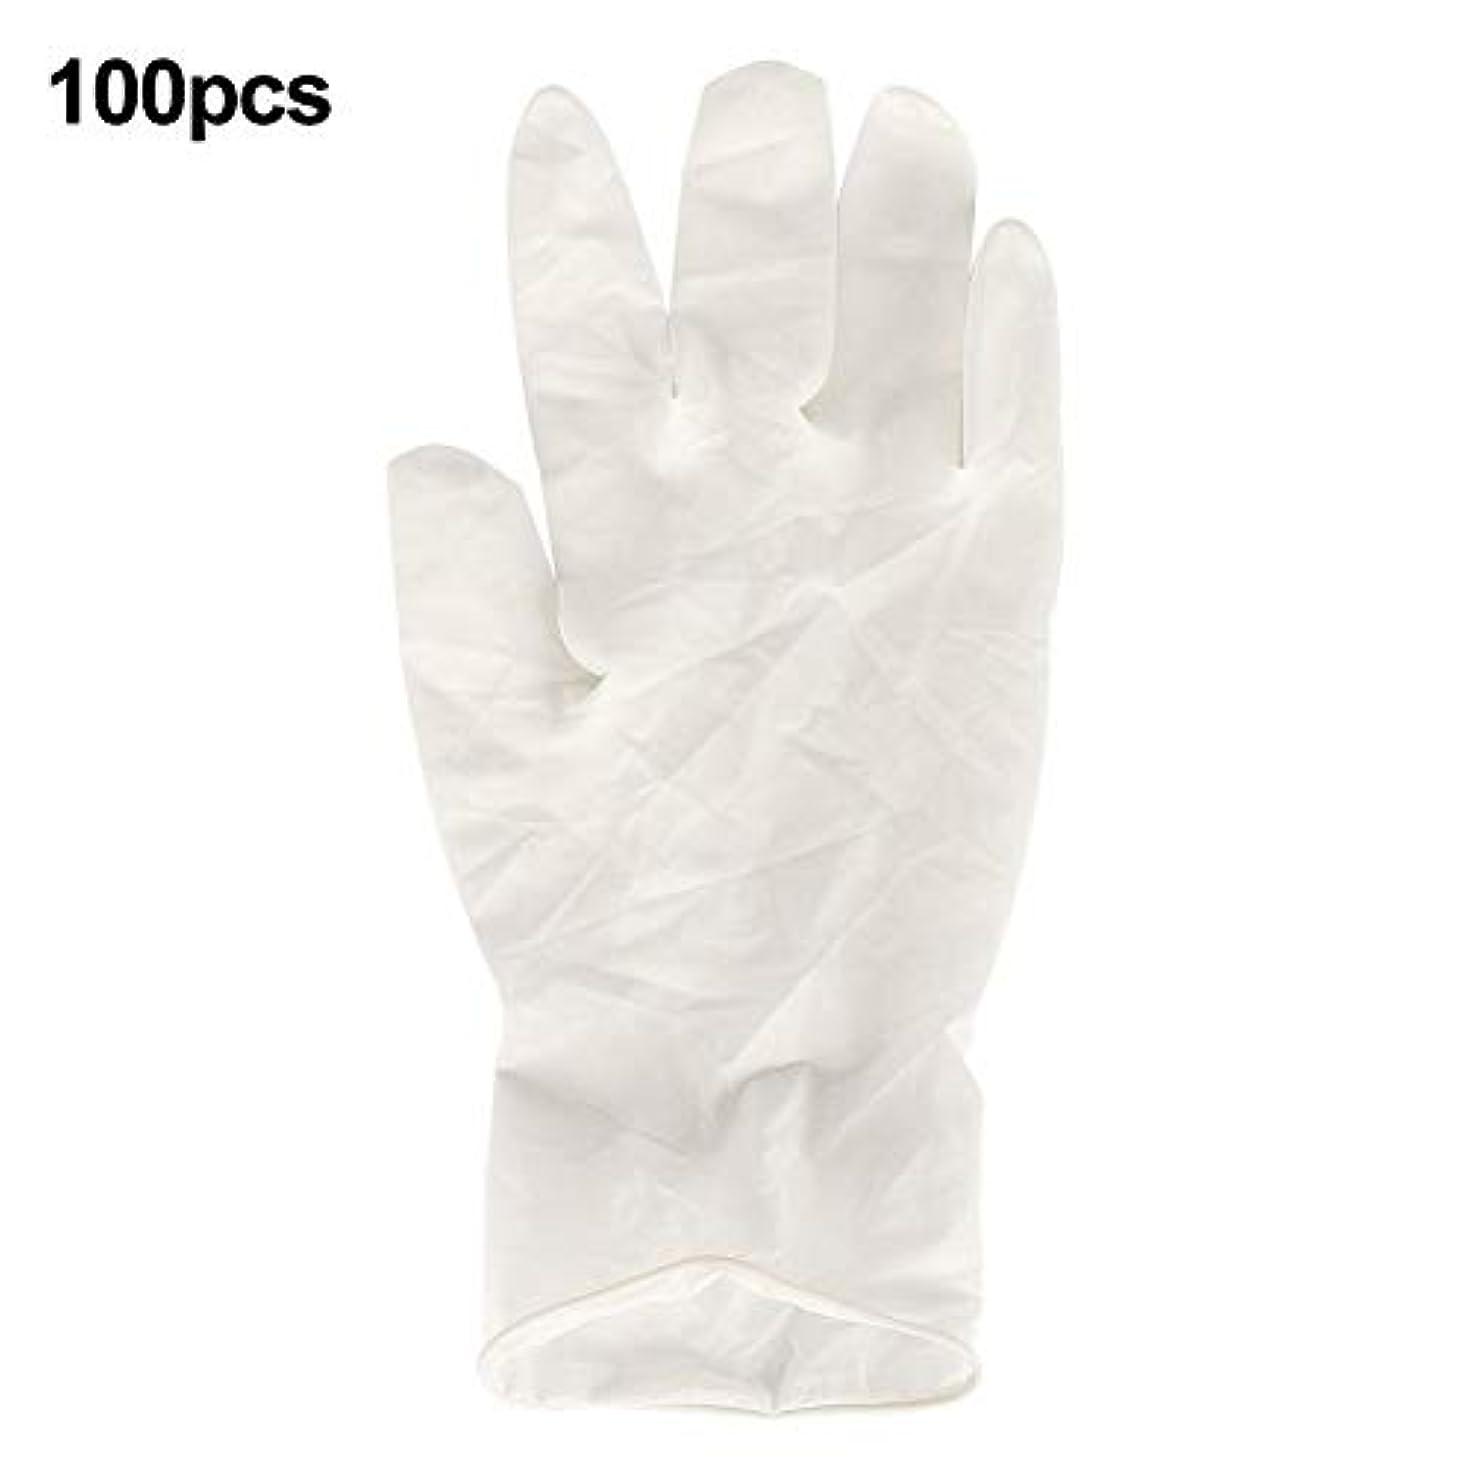 首尾一貫した才能こねるQiilu ラテックス手袋 使い捨て手袋 ゴム手袋 100個(小型)